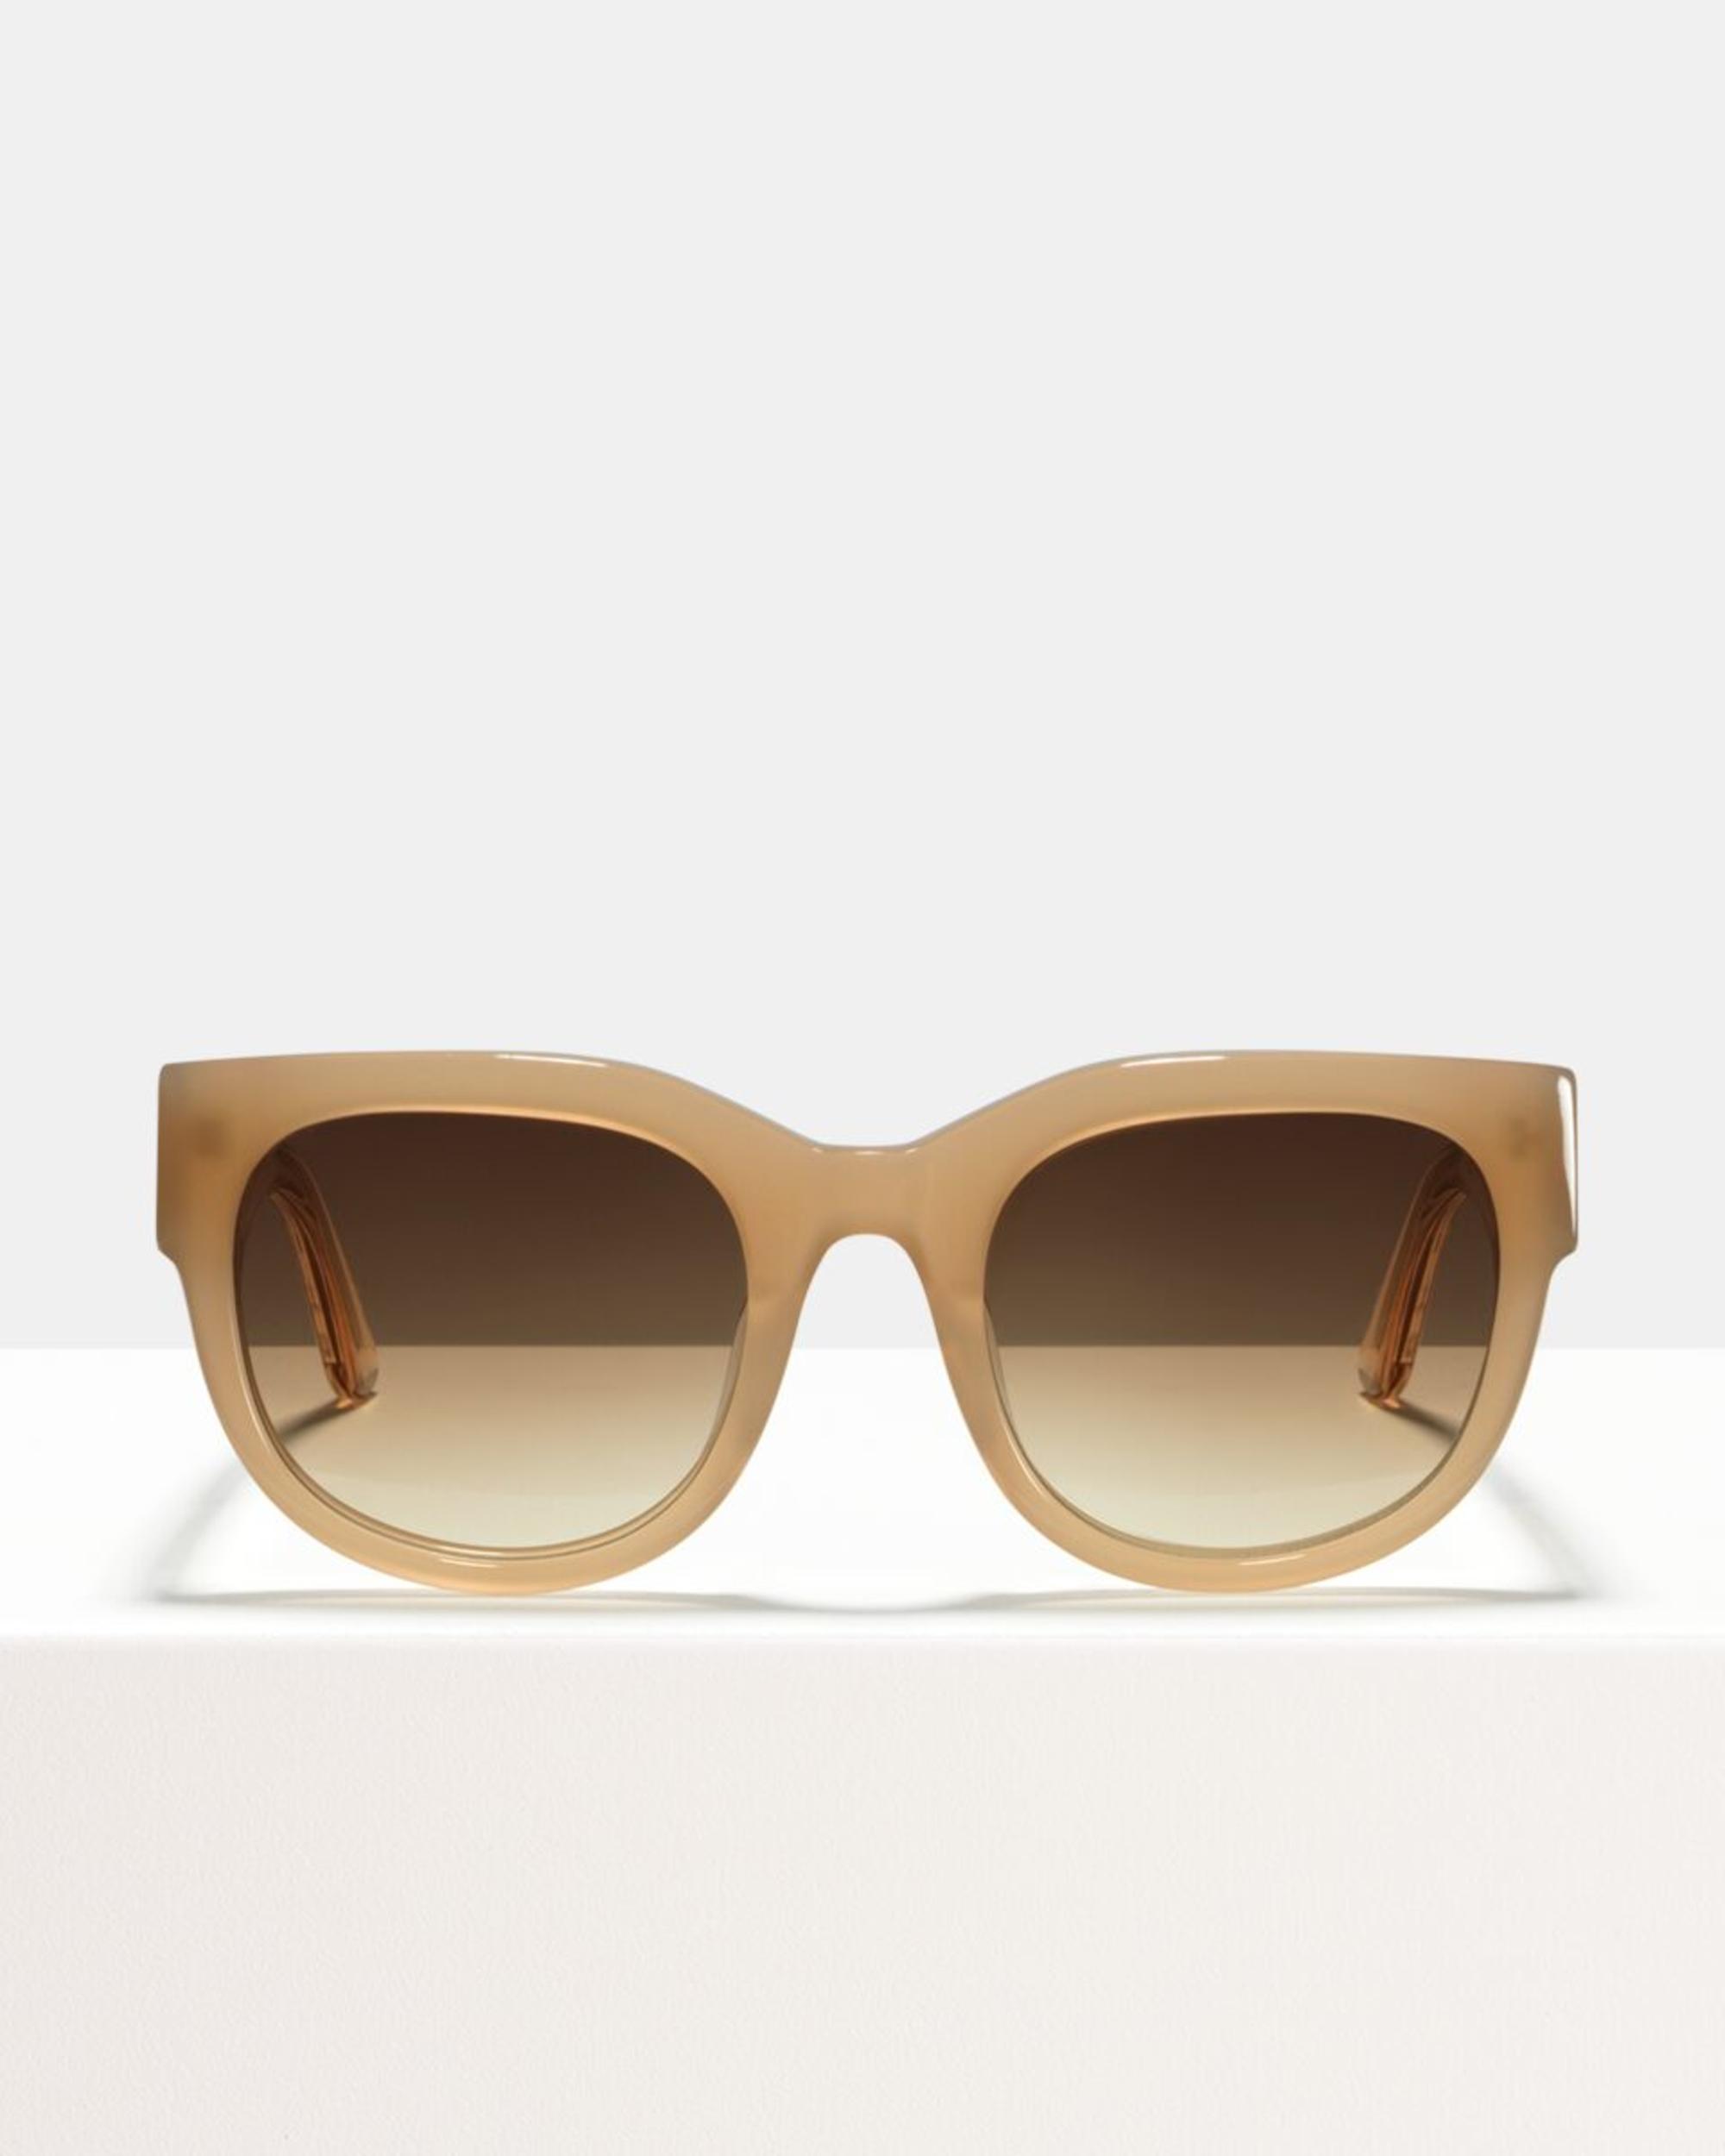 Ace & Tate Sunglasses | round acetate in Beige